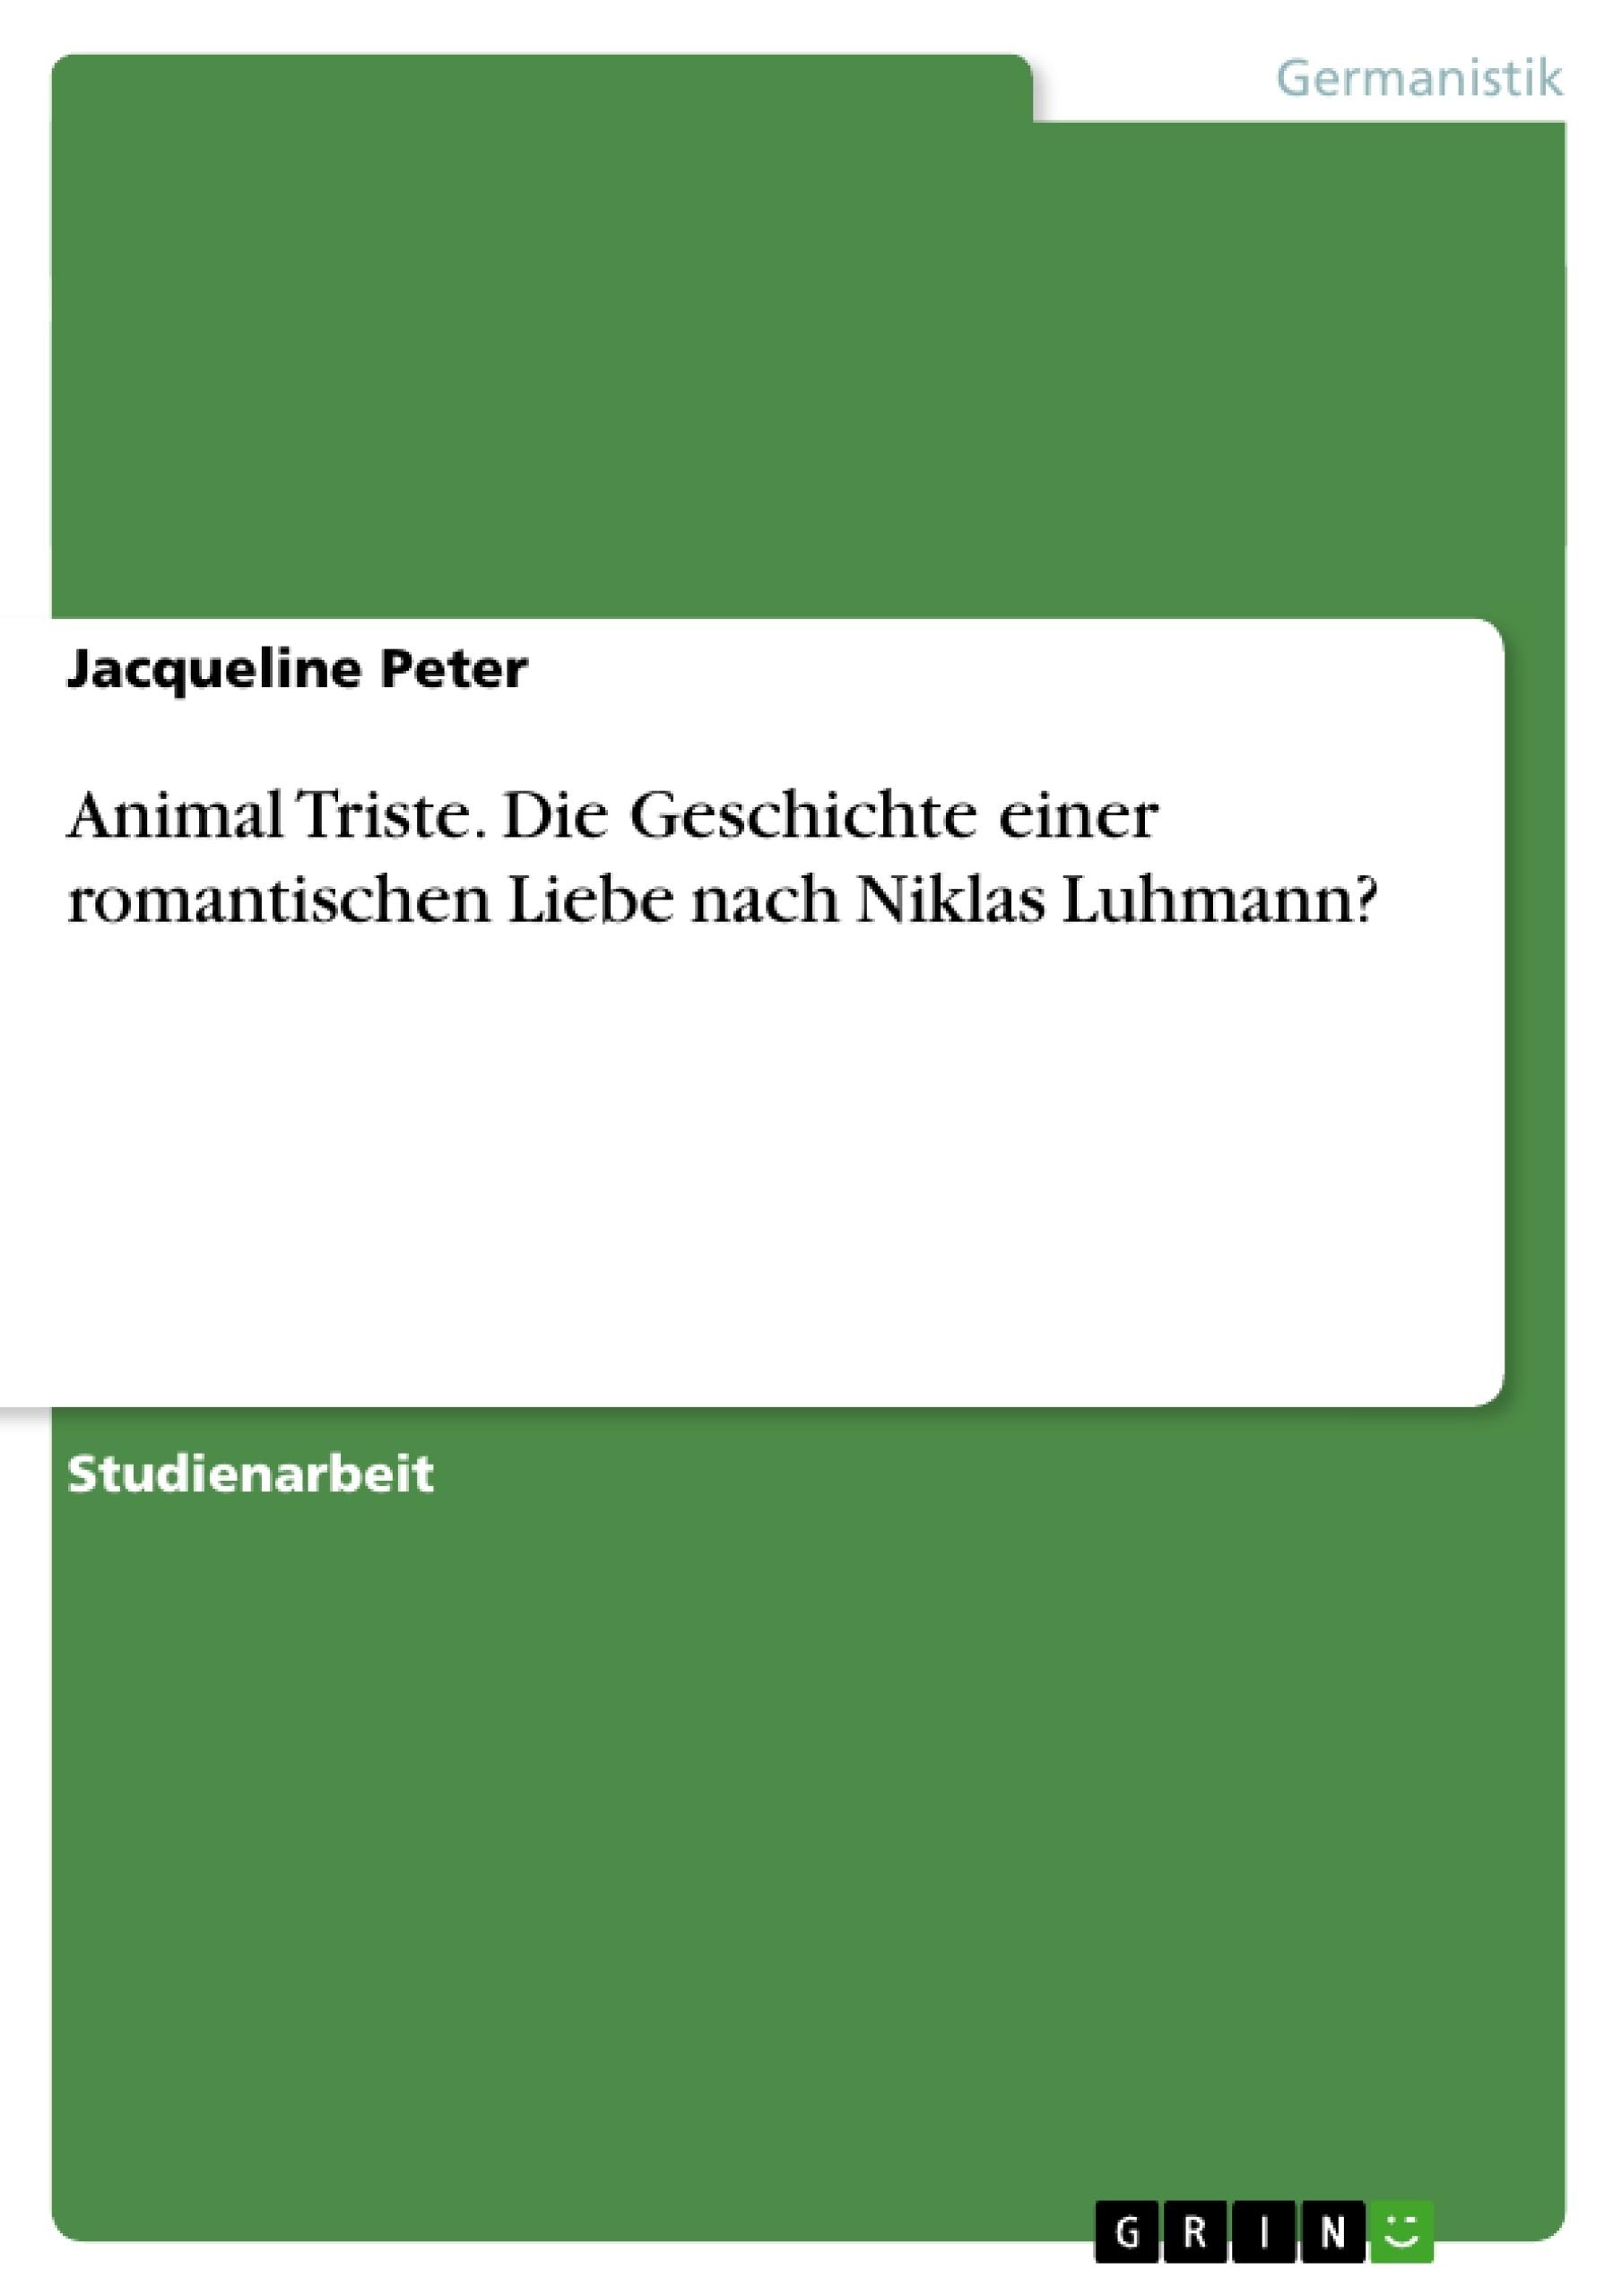 Titel: Animal Triste. Die Geschichte einer romantischen Liebe nach Niklas Luhmann?